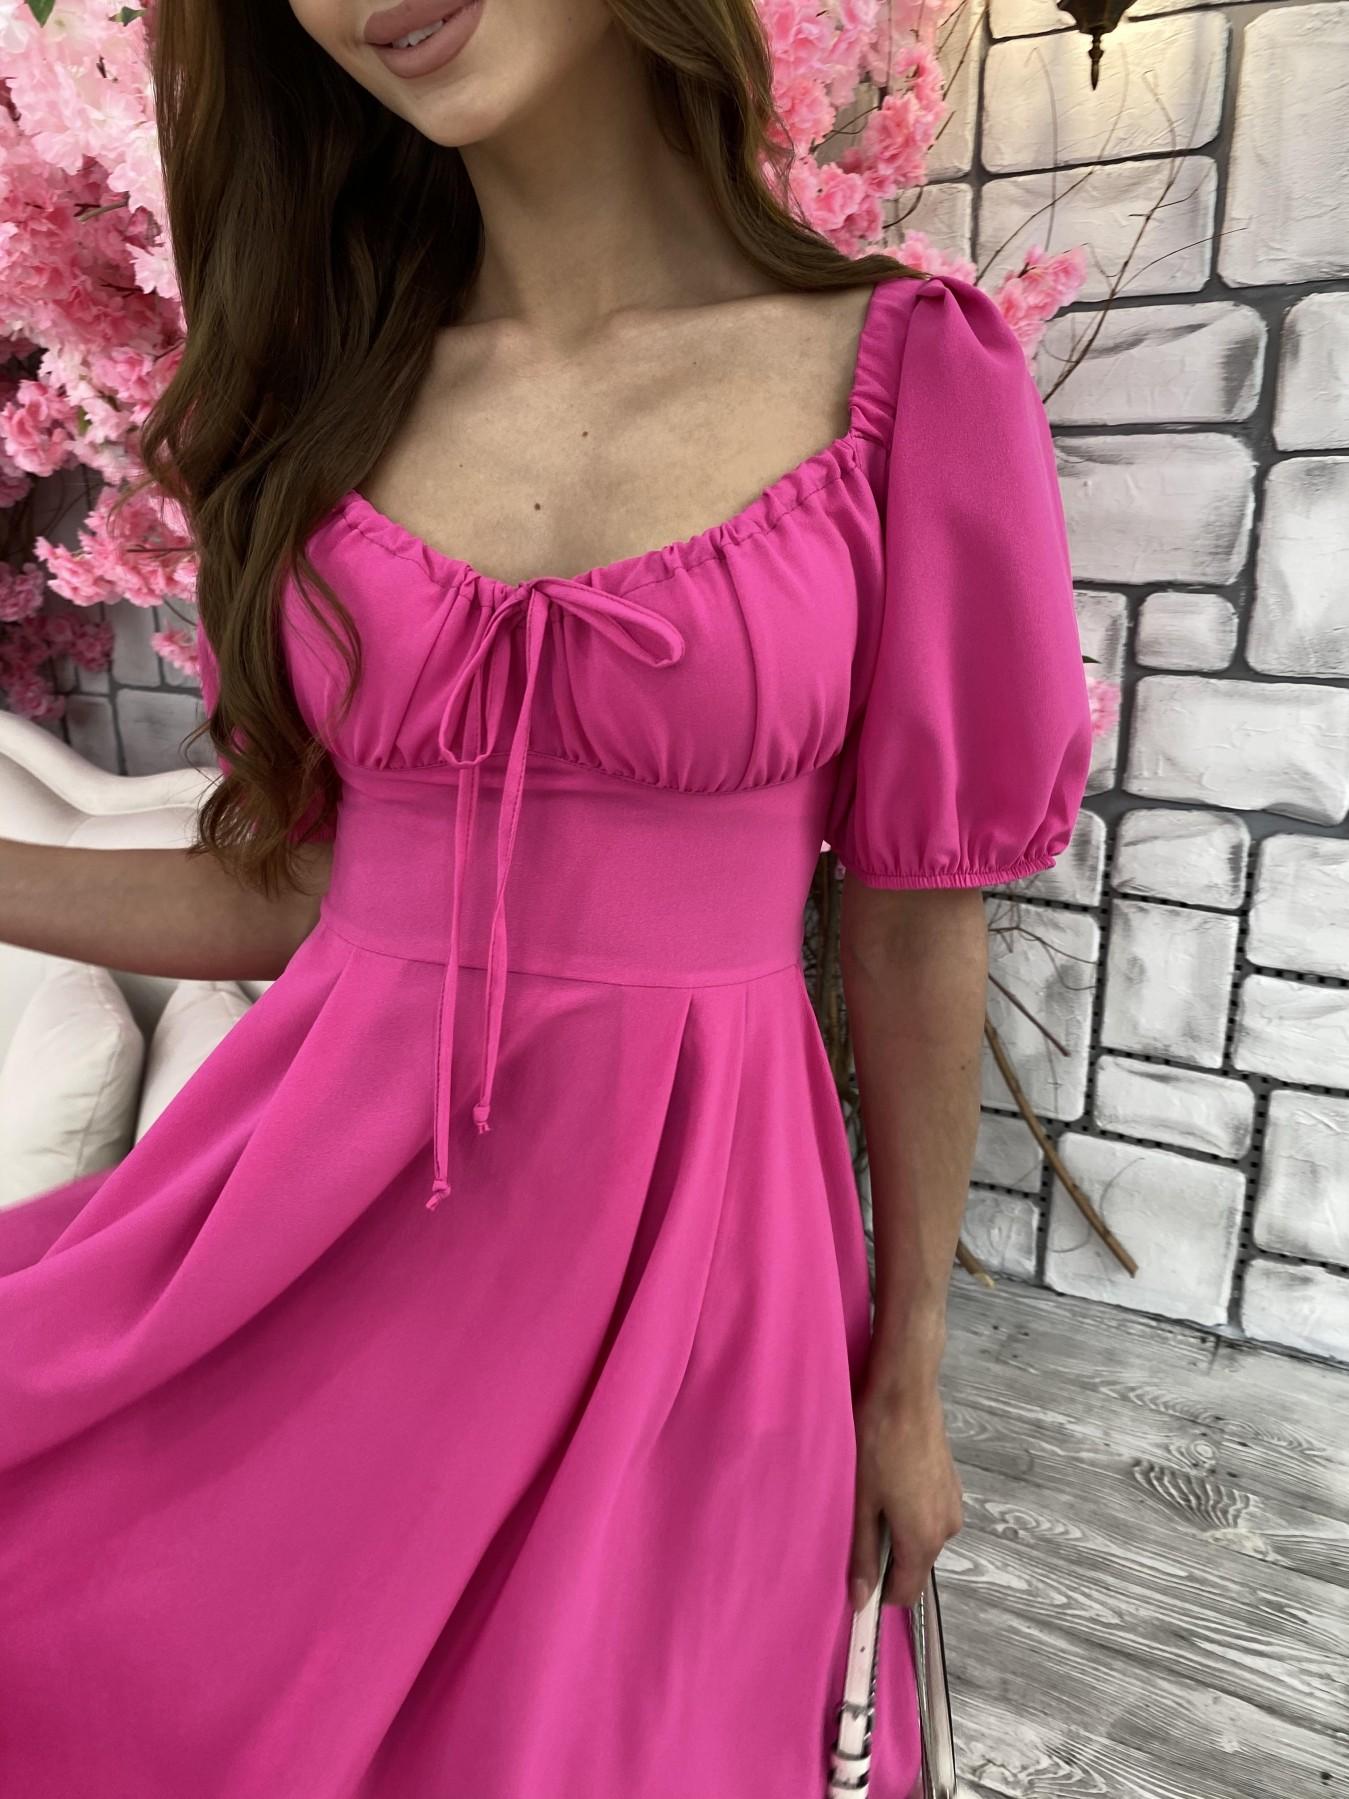 Кисес Миди платье из шифона креп 11443 АРТ. 48015 Цвет: Малиновый - фото 7, интернет магазин tm-modus.ru